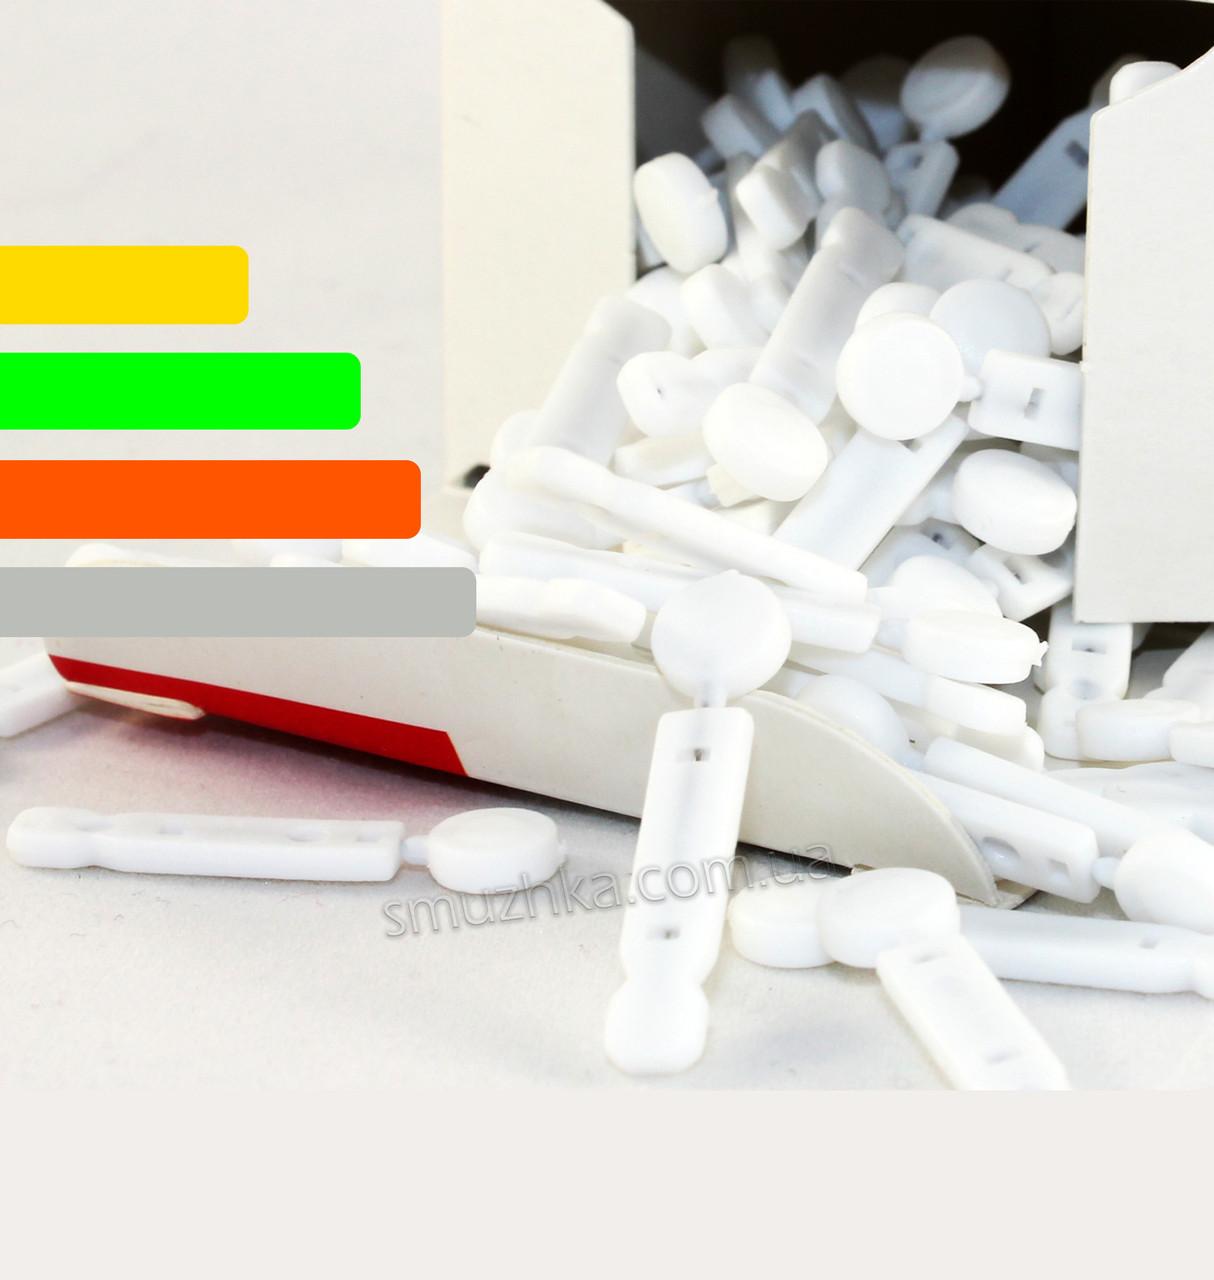 Ланцеты Акку-Чек Софткликс #200 - для ручки Accu-Chek Softclix